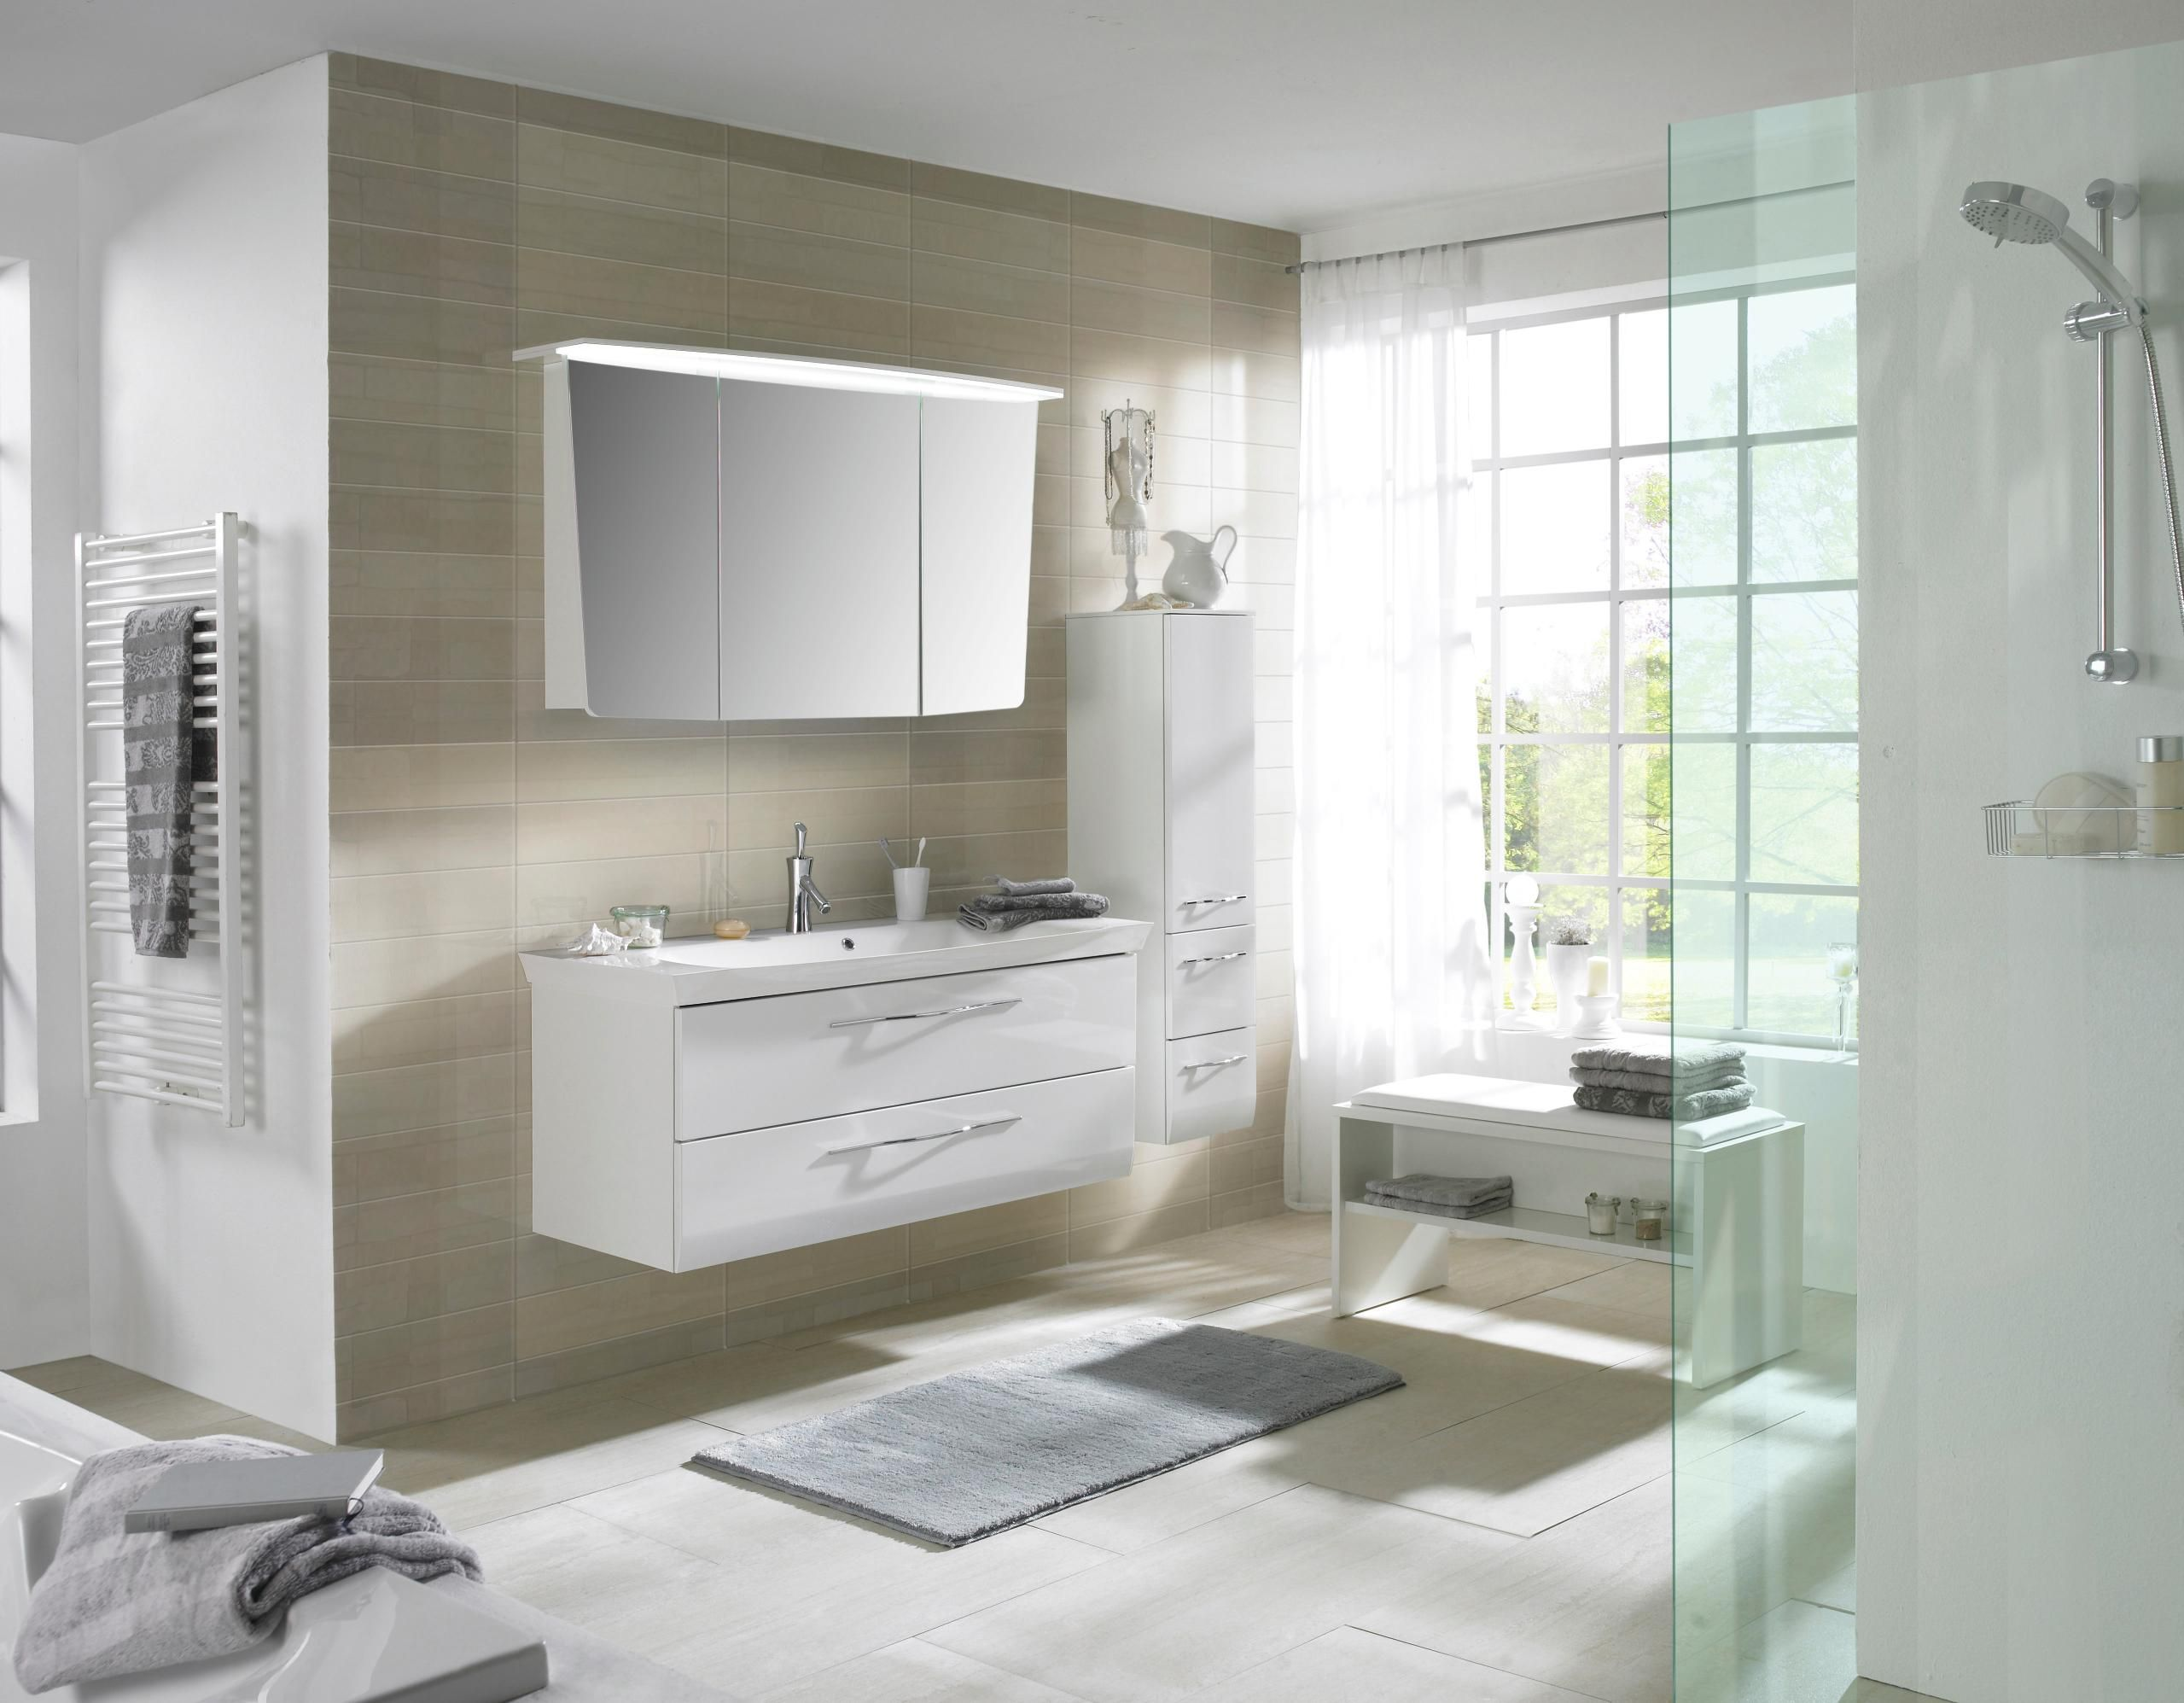 Badezimmer von SADENA - traumhaft in Weiß